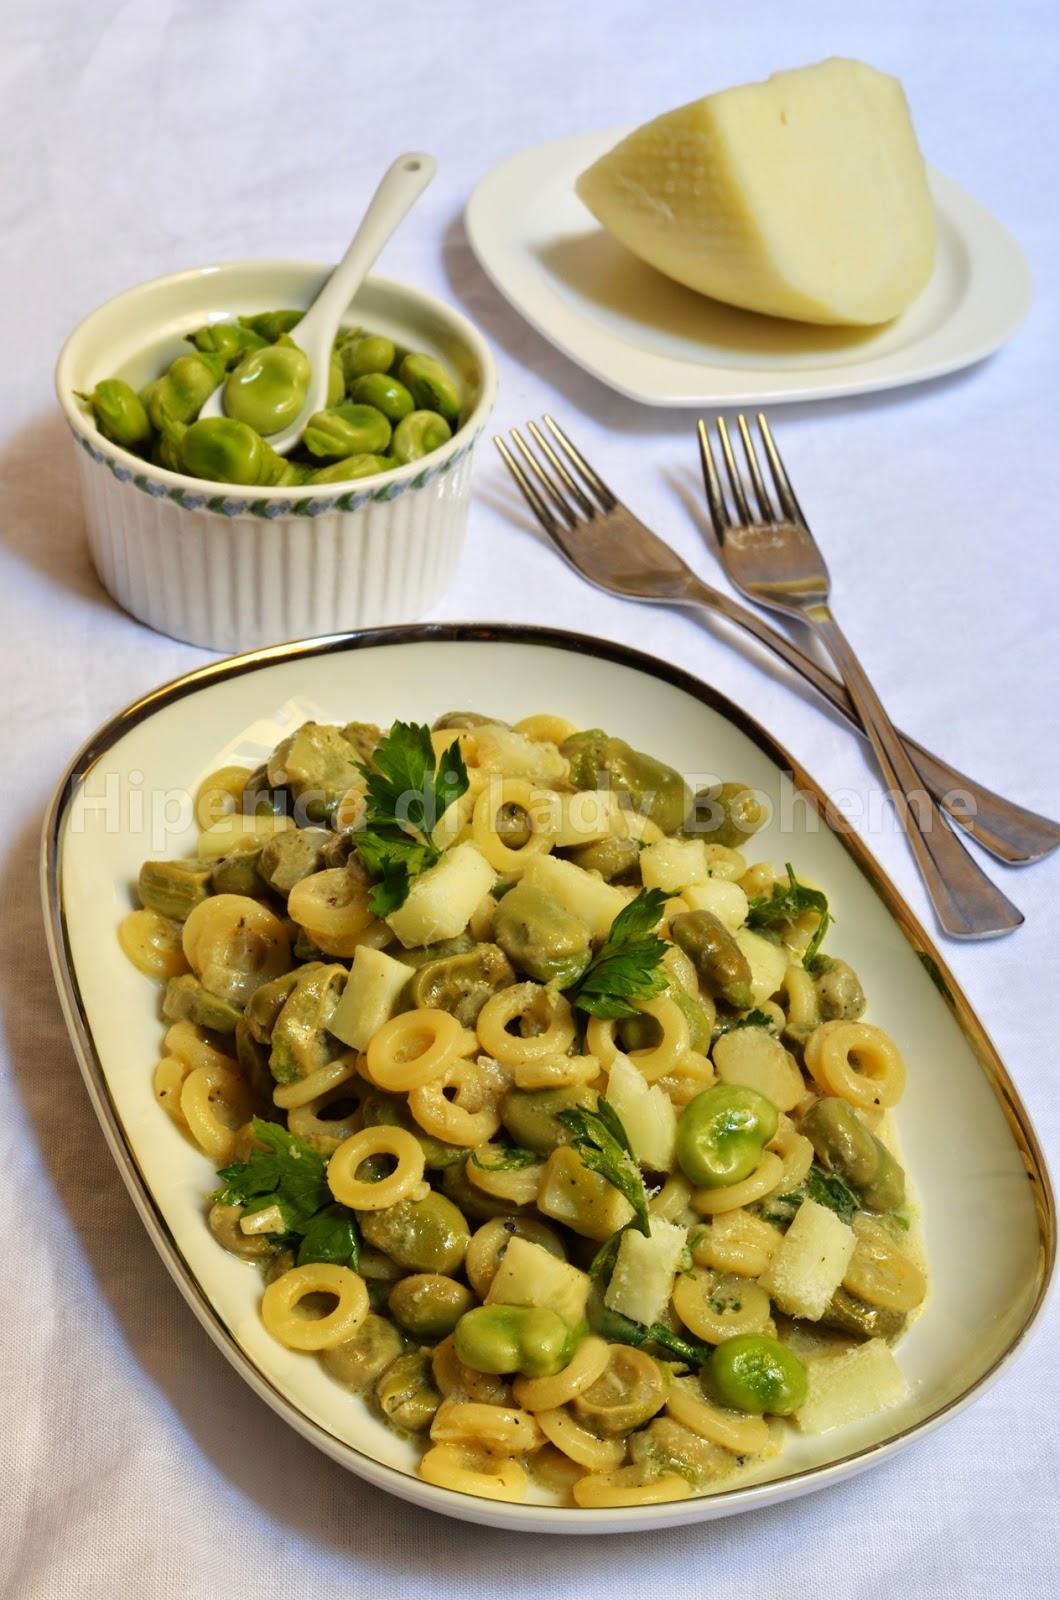 hiperica_lady_boheme_blog_cucina_ricette_gustose_facili_veloci_pasta_con_fave_e_pecorino_fresco_di_pienza_1